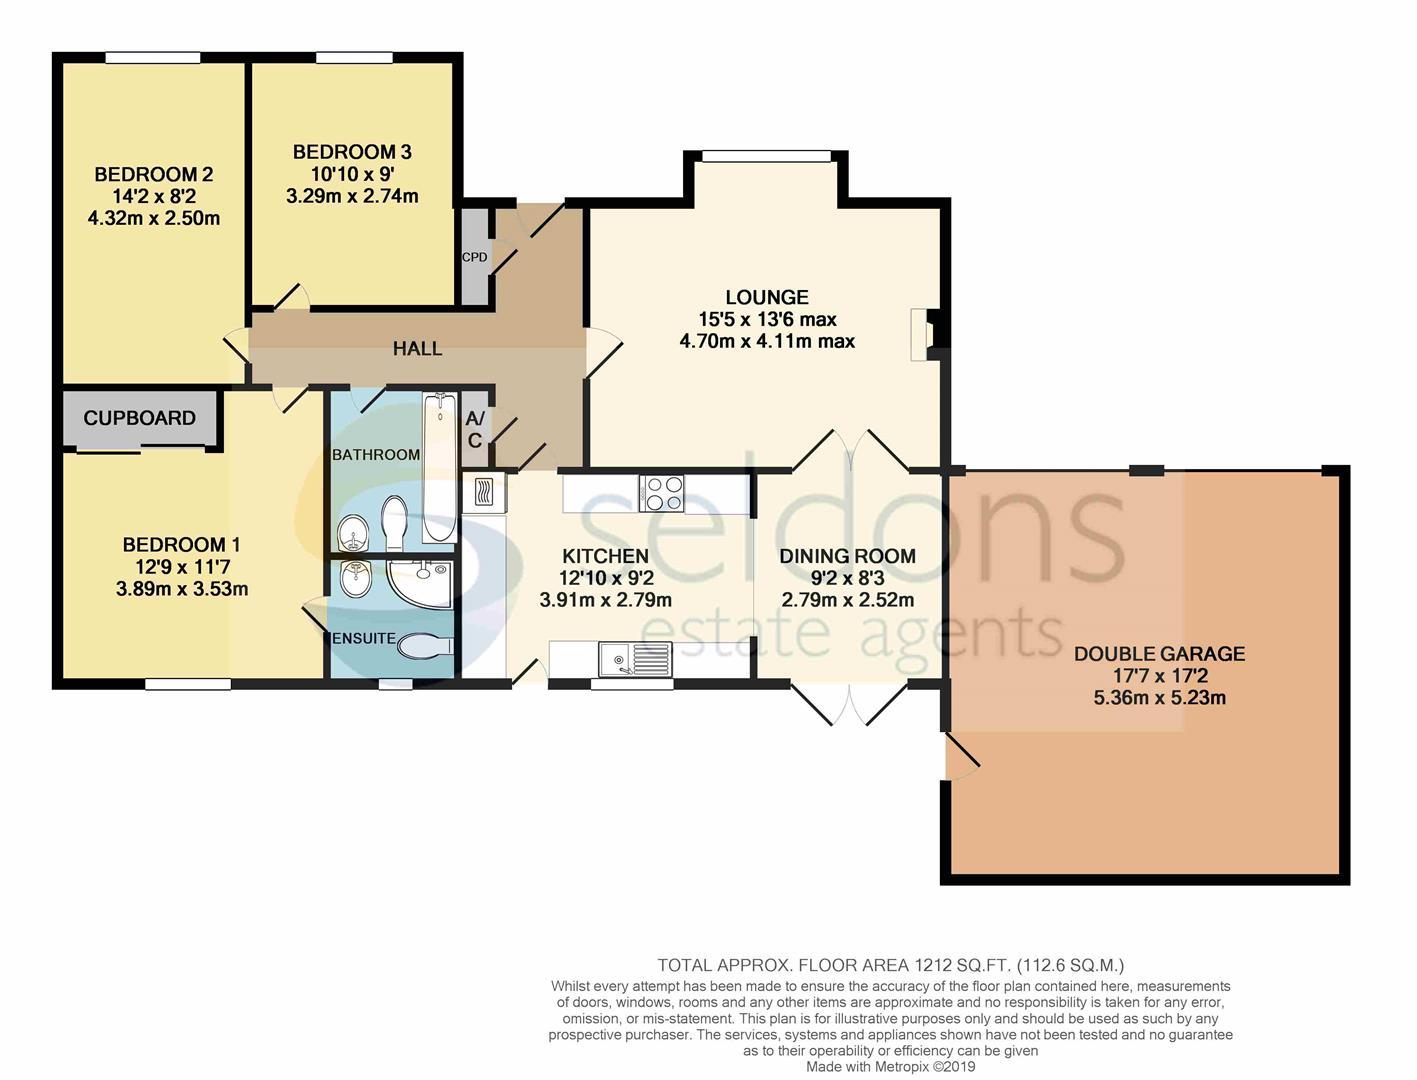 31DudleyWay floorplan.JPG